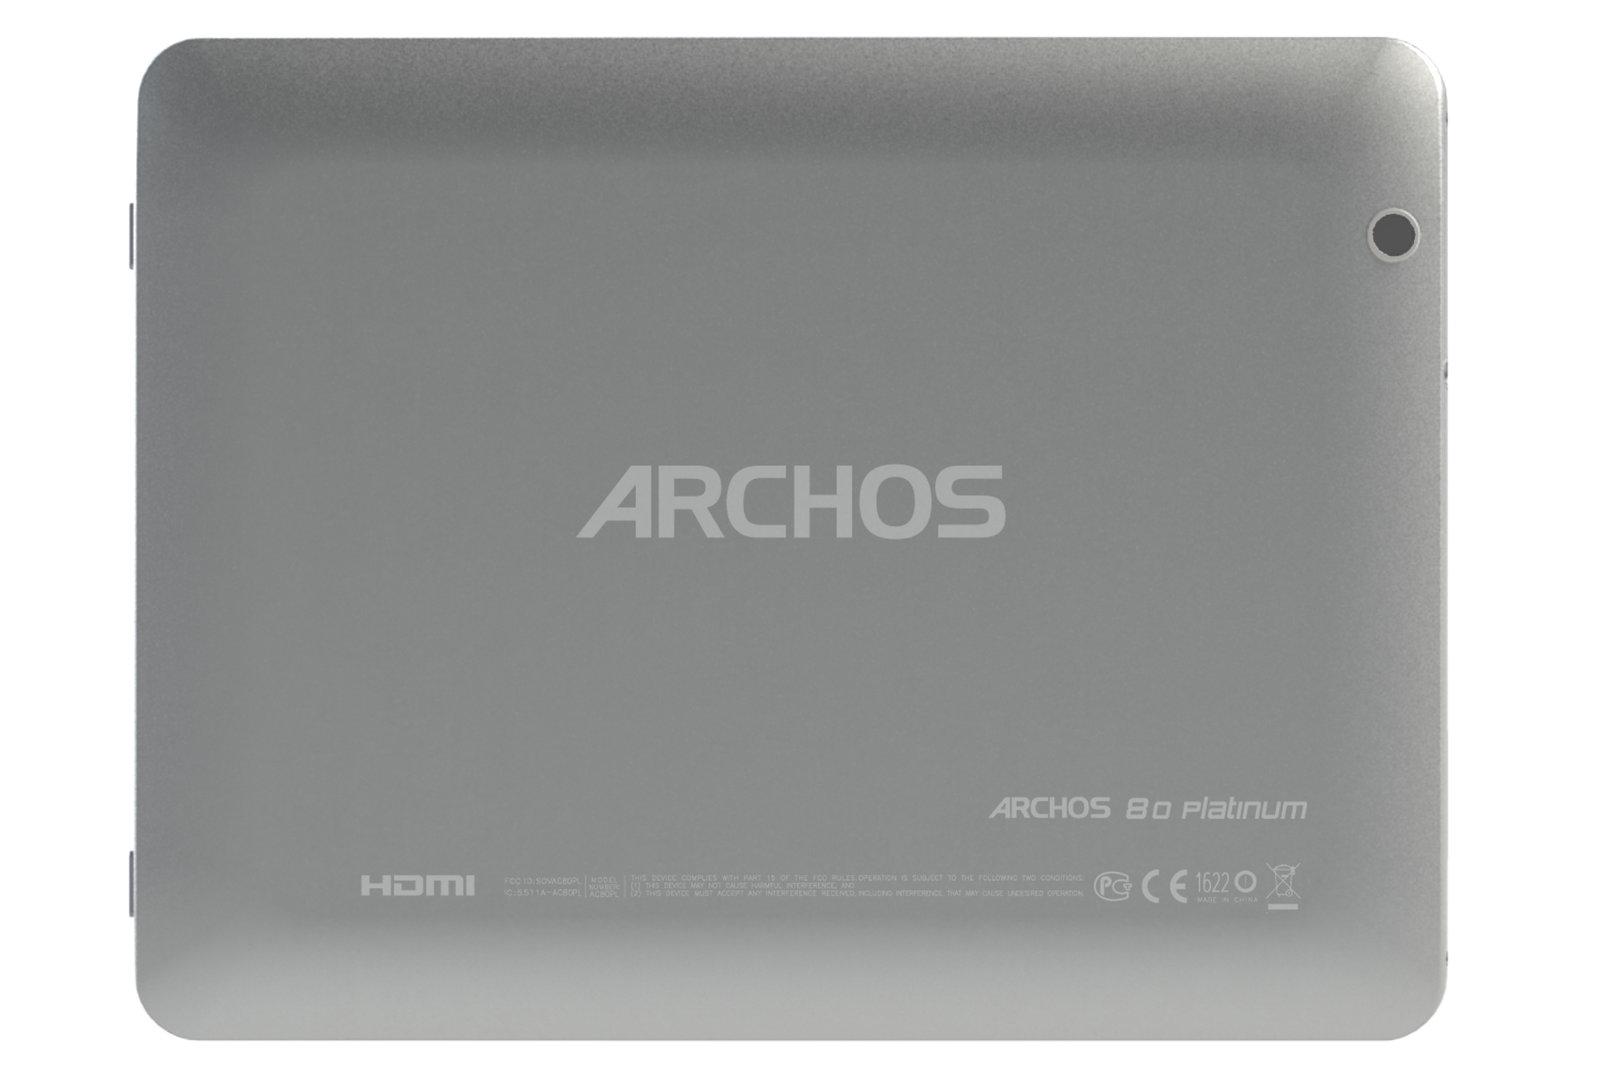 Archos 80 Platinum